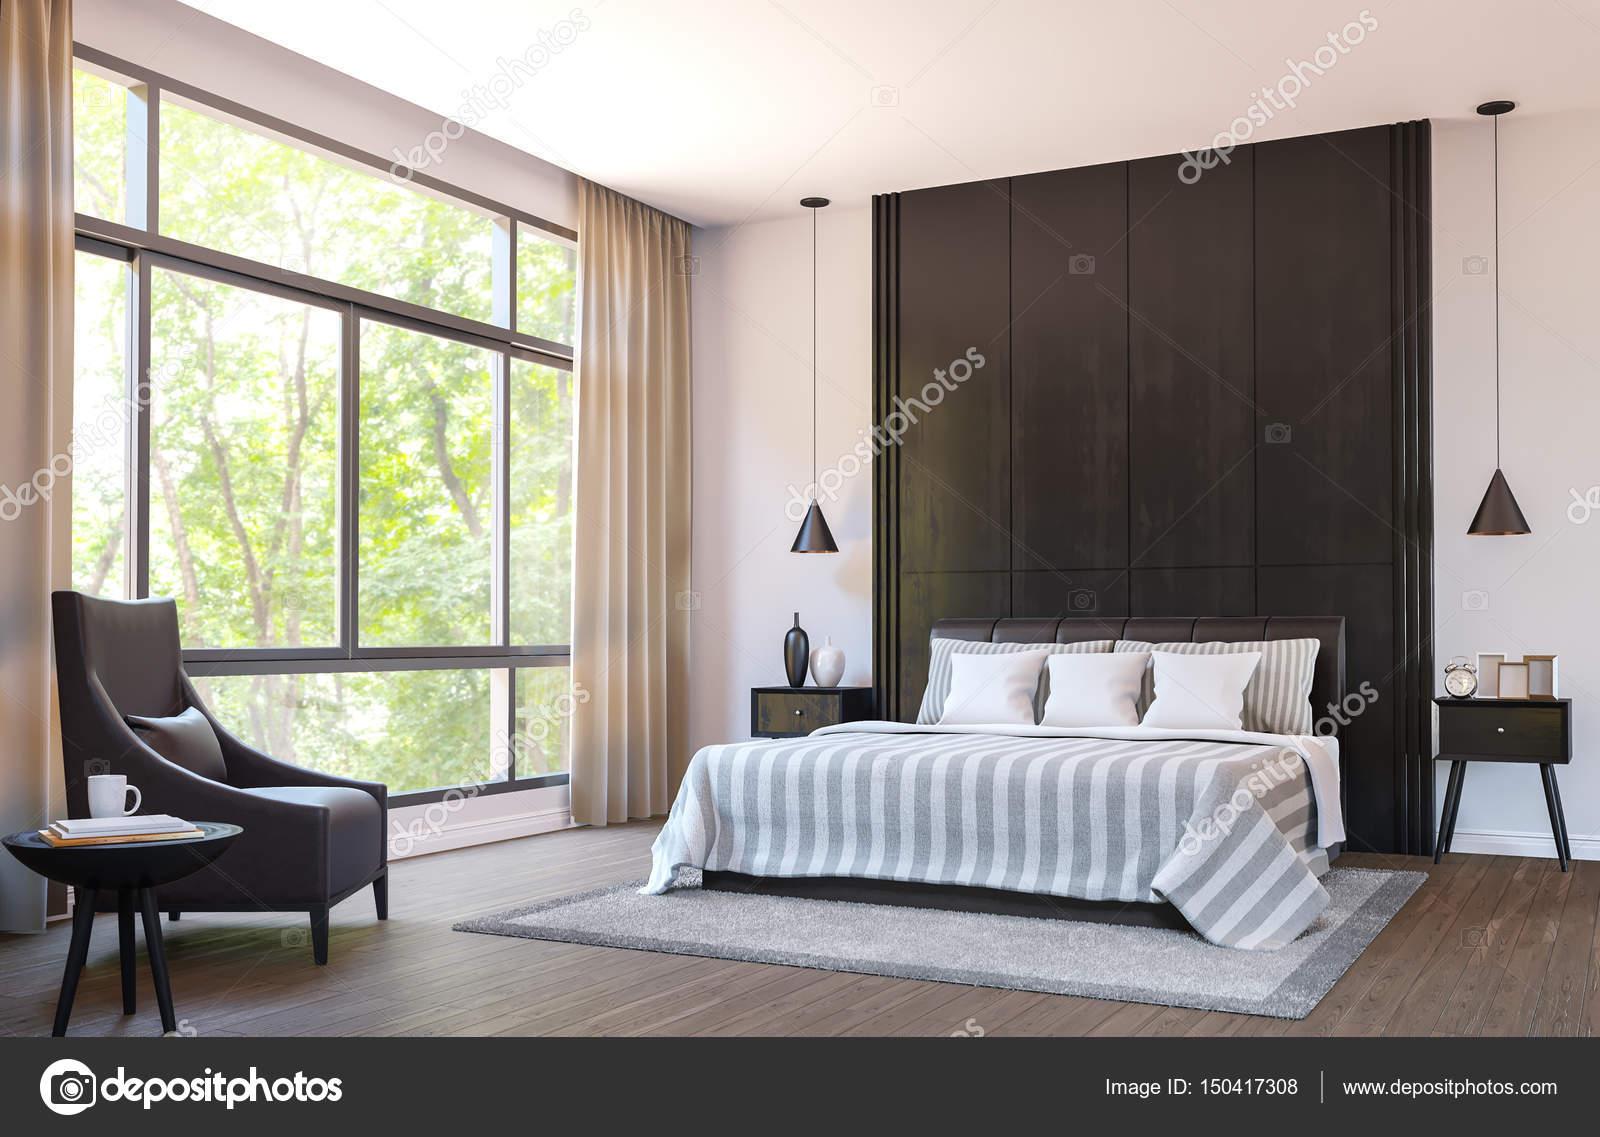 Camera Da Letto Moderna Marrone : Decorare la camera da letto moderna con mobilia di cuoio marrone e